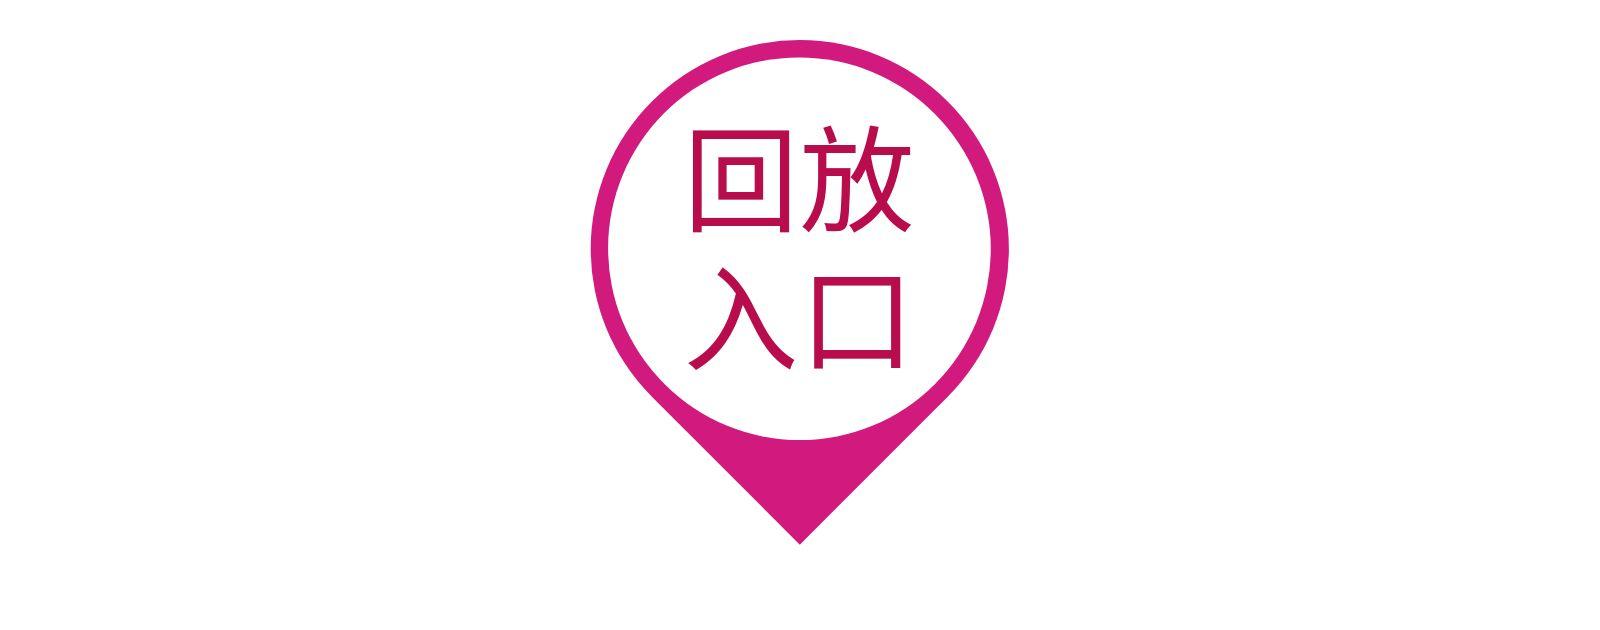 xiumi_1533173813023_84954686.jpg